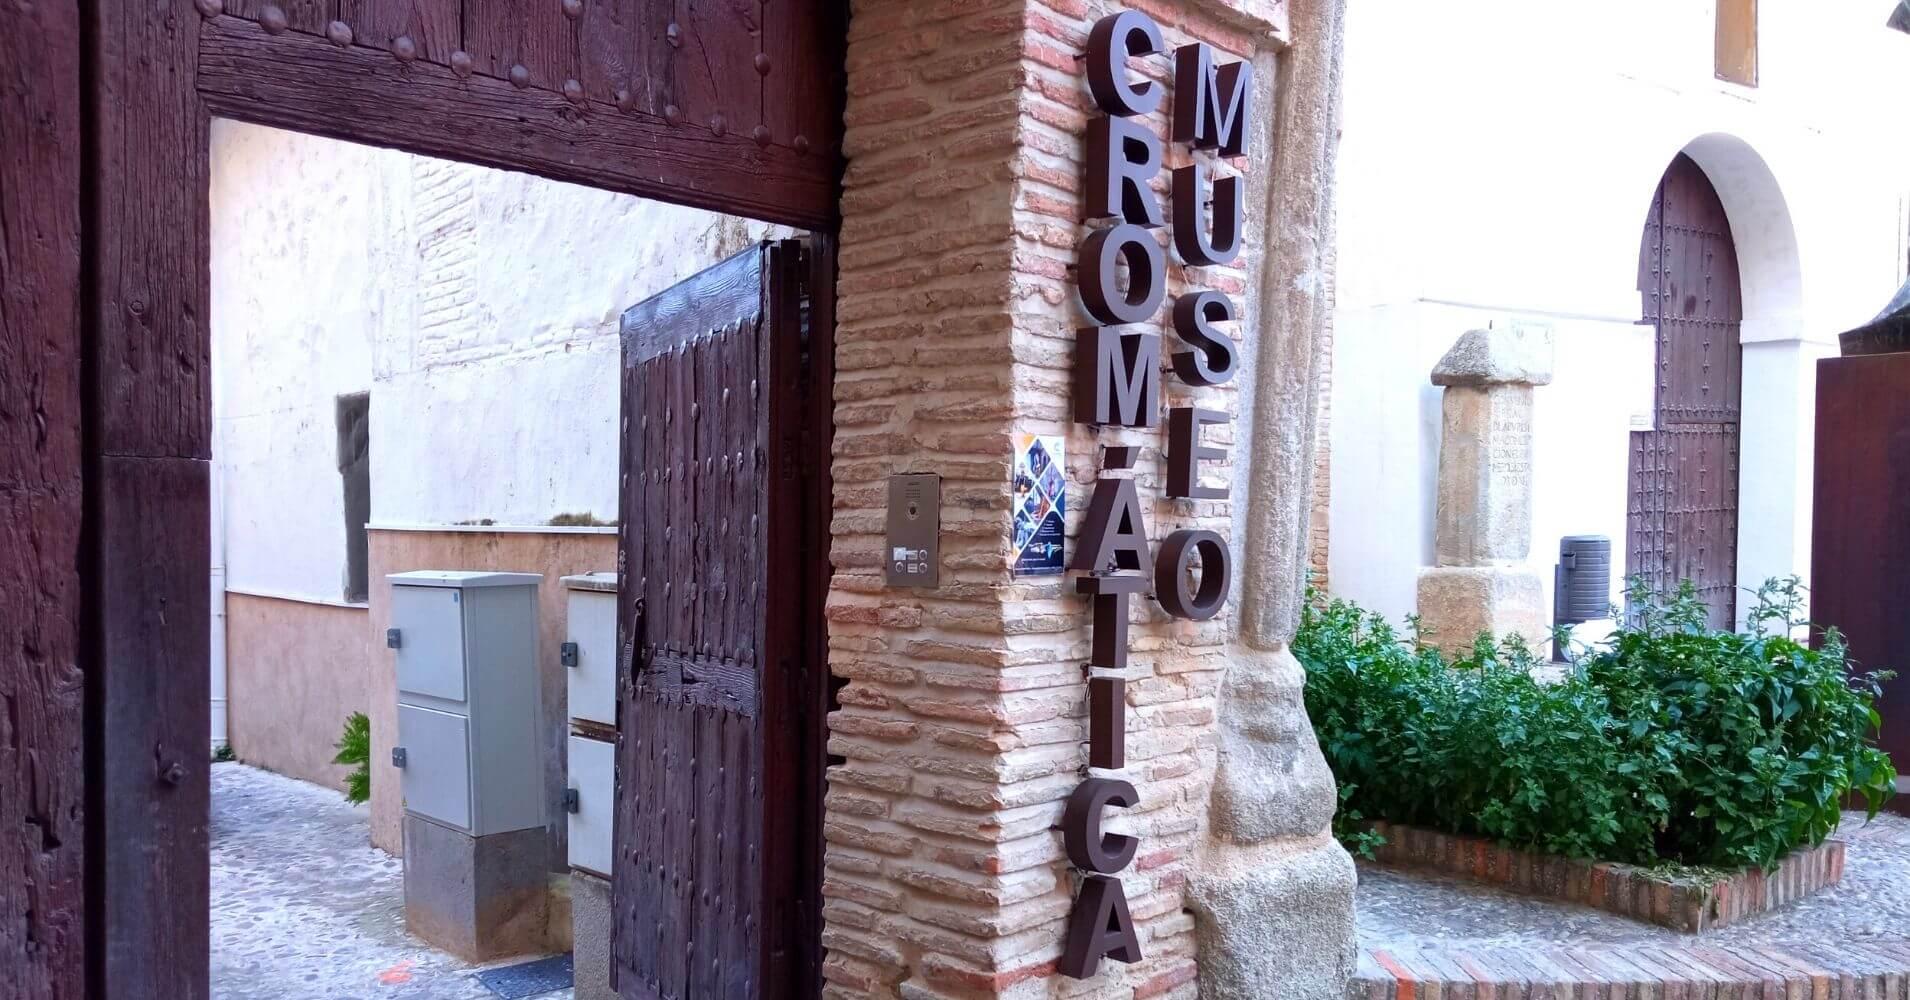 Museo Cromática Toledo. Convento de la Inmaculada Concepción. Toledo. Castilla la Mancha.